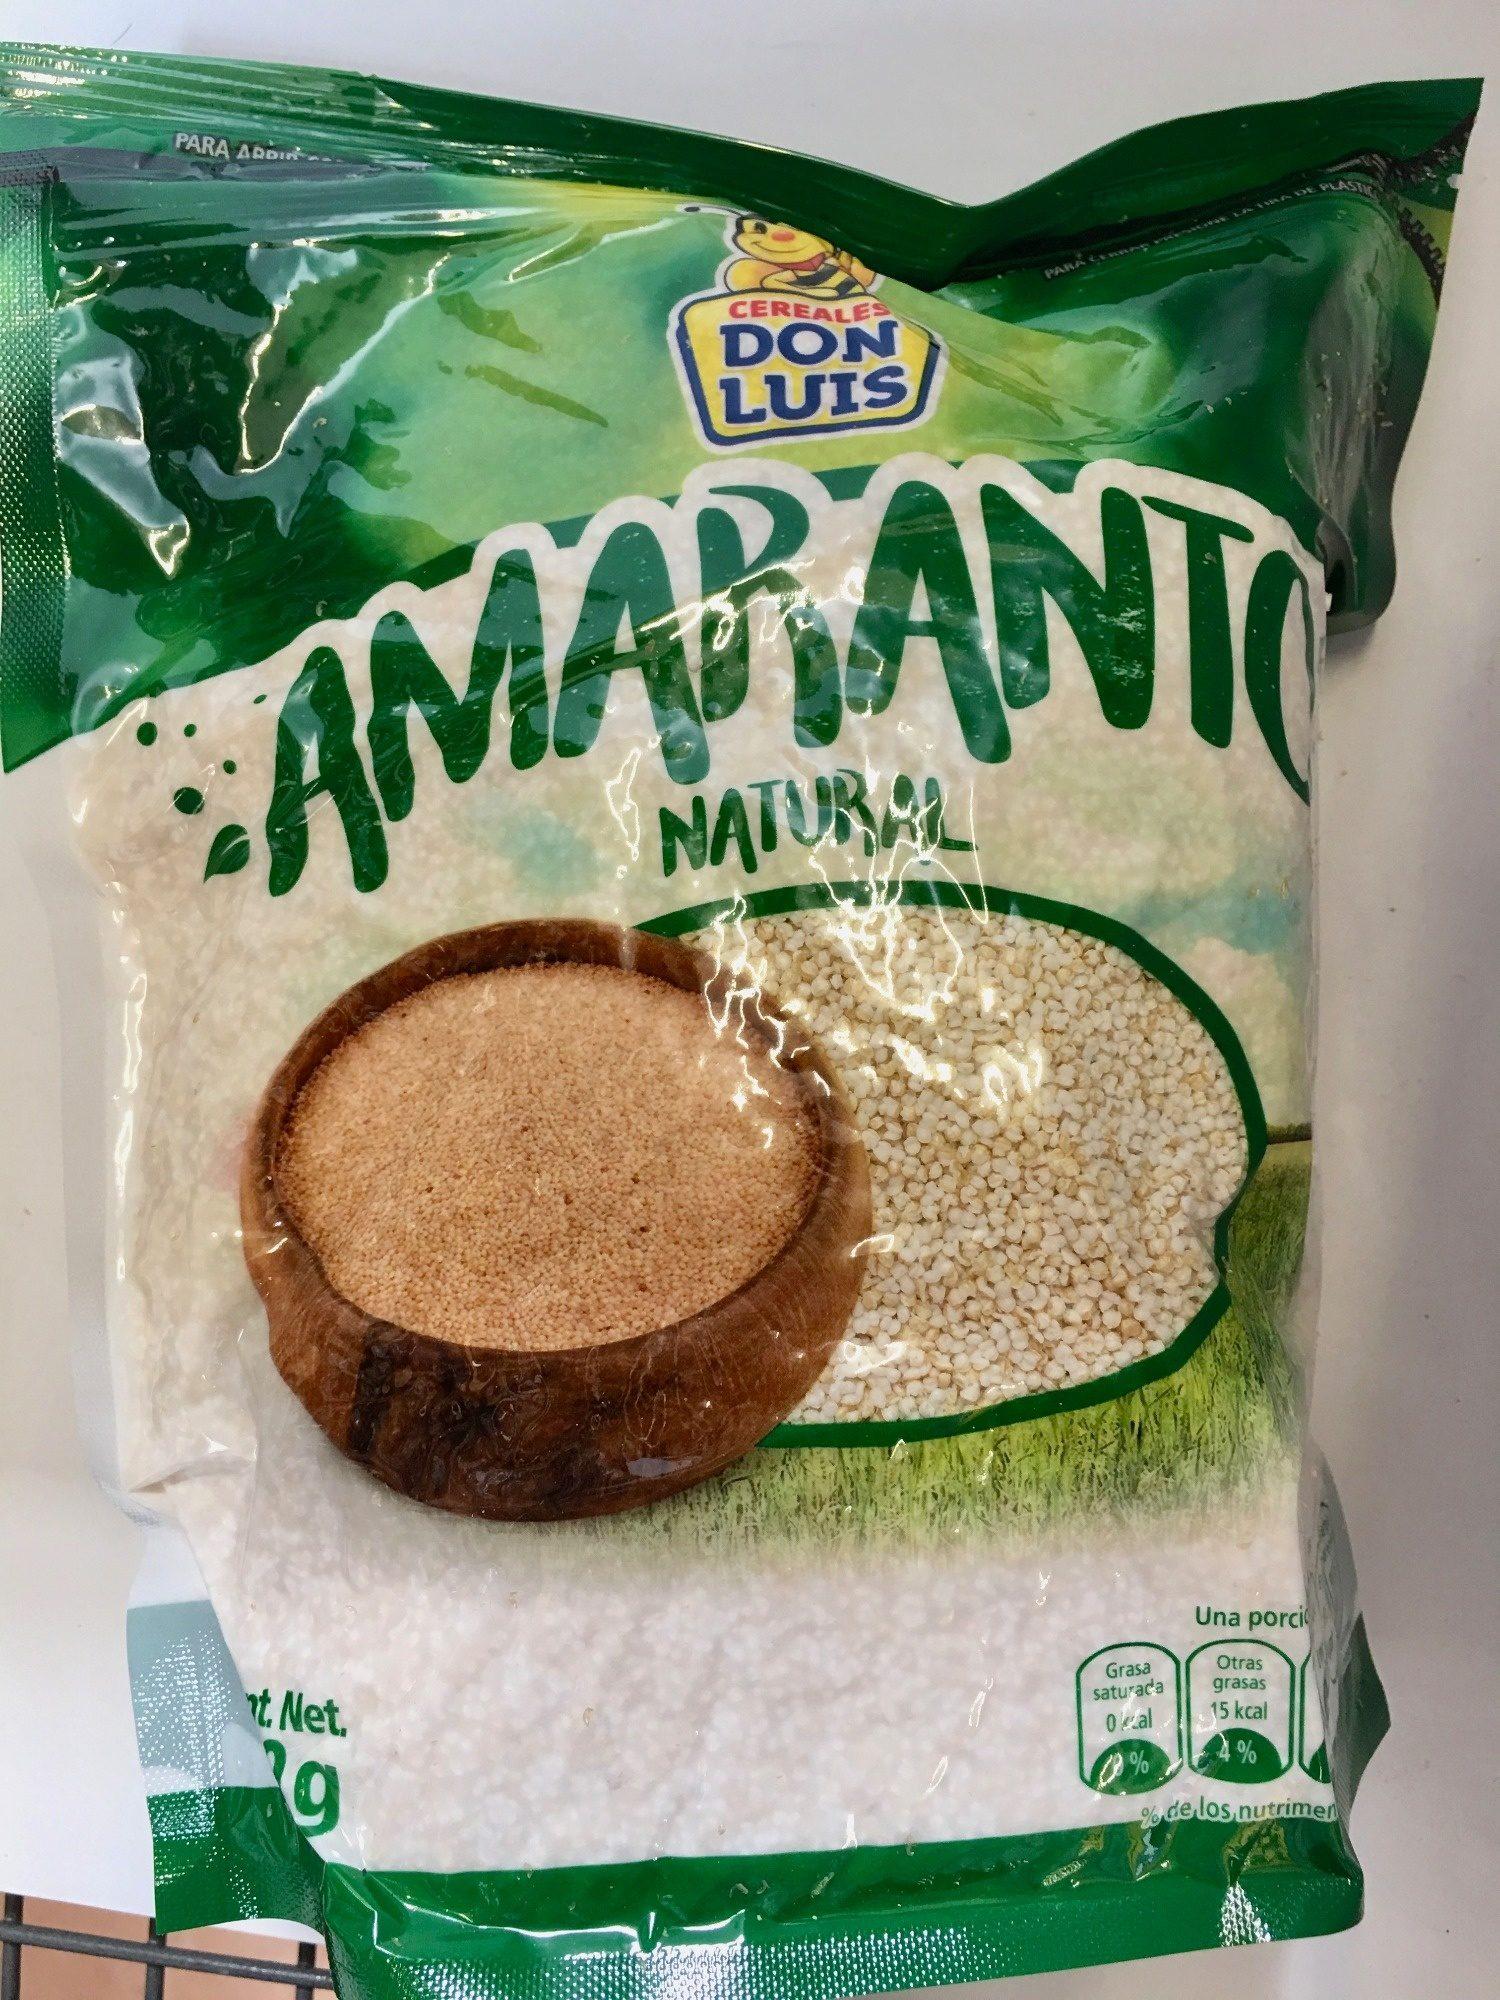 AMARANTO NATURAL - Product - es